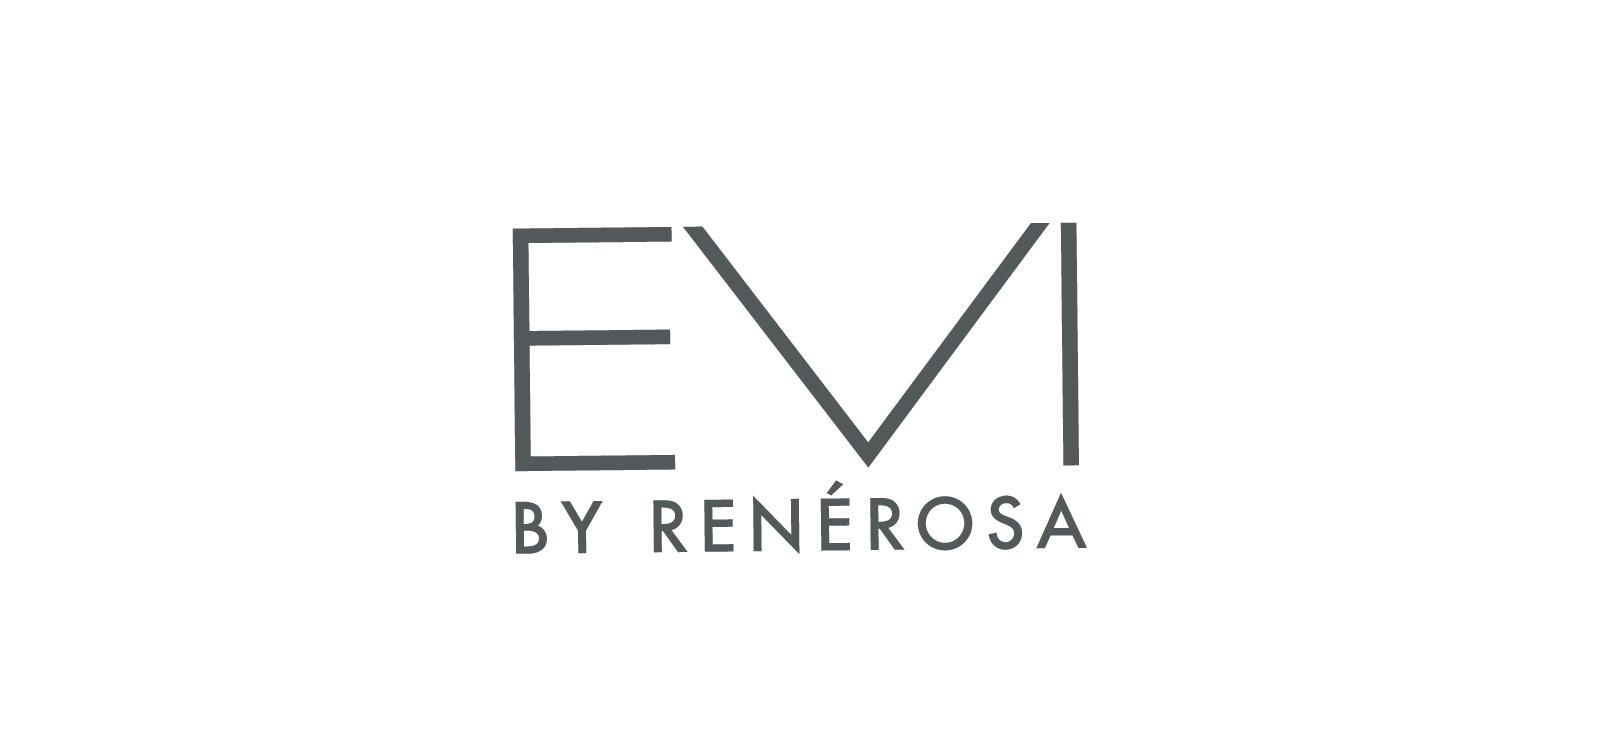 RenéRosa / Evi